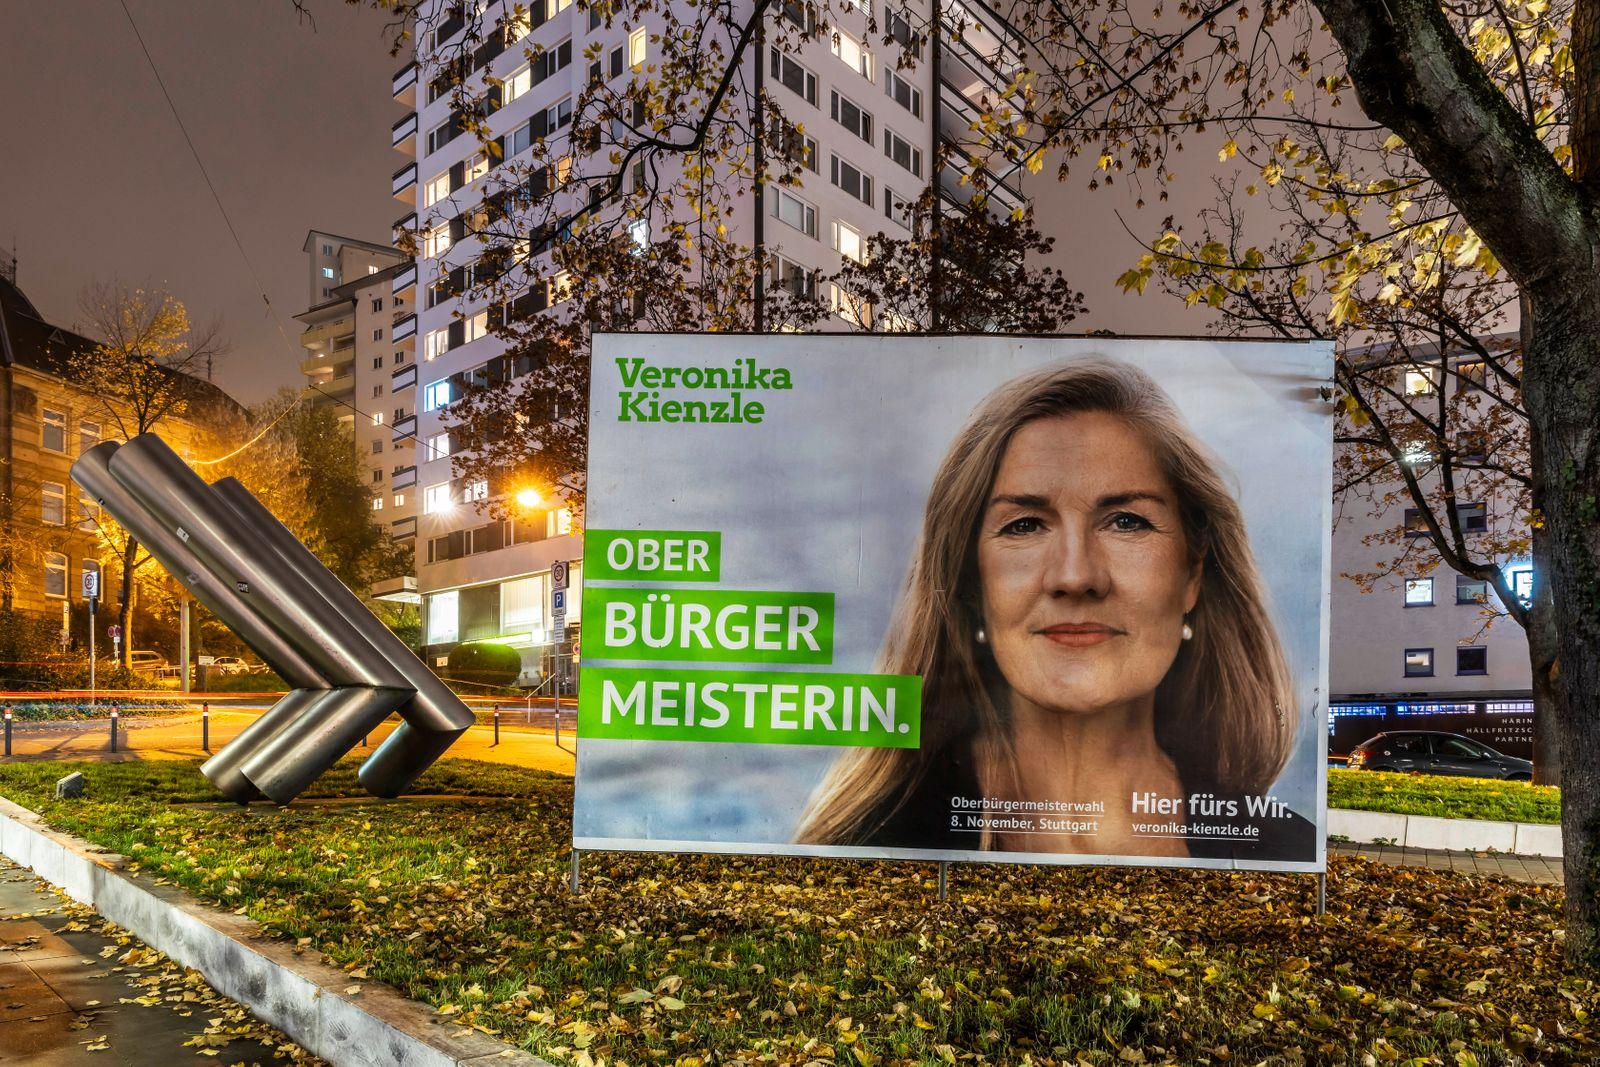 Stuttgart wählt einen neuen Oberbürgermeister. Stichwahl ist am 29. November. Aufgrund der Corona-Pandemie läuft der Wa